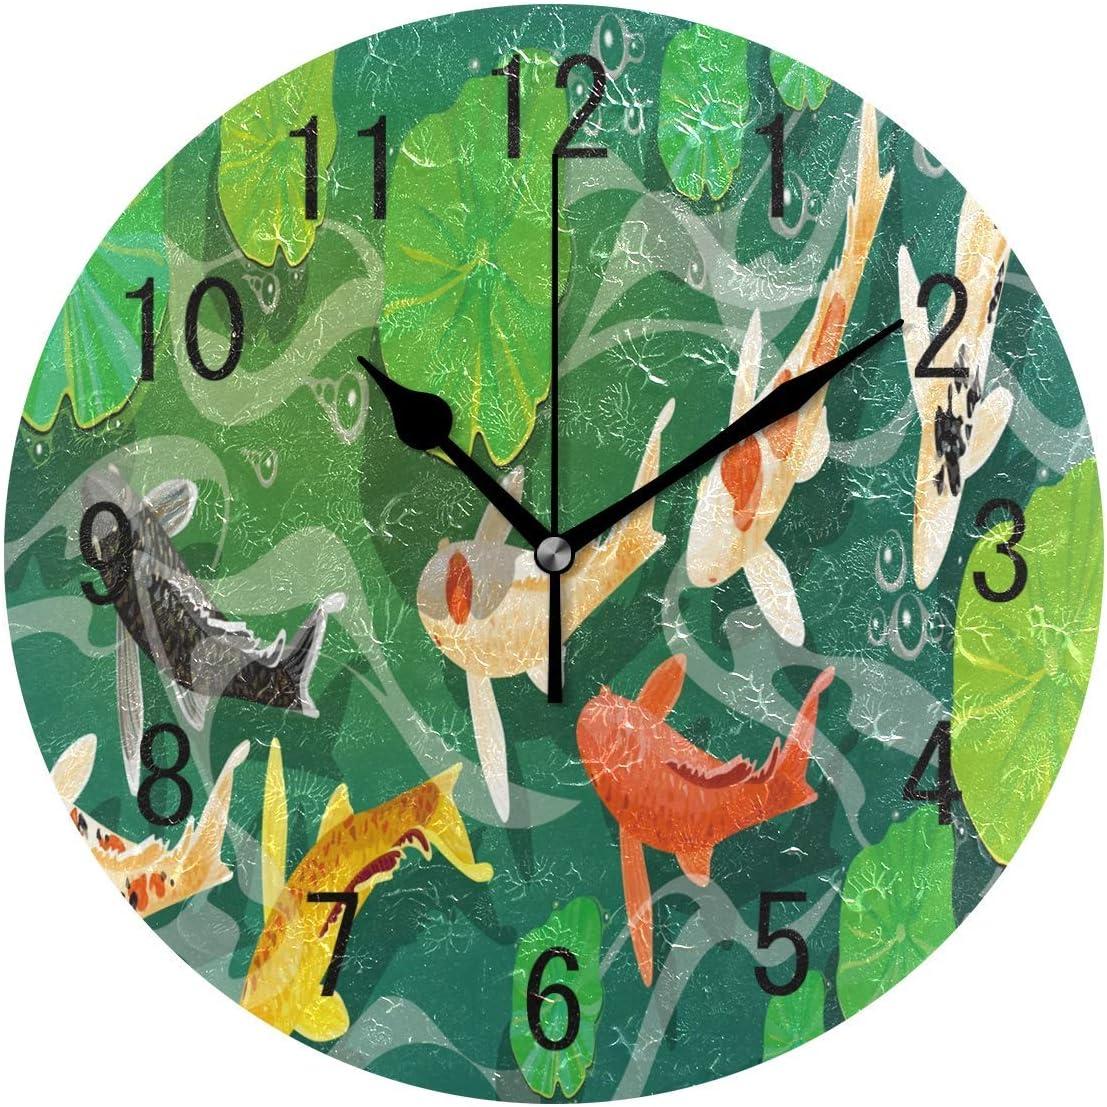 wallxxj Reloj Colgante Redondo Carpa Koi Pez Bajo El Agua Lotus Leaf School Reloj De Pared Redondo Decoración para El Hogar Cocina Sin Tictac Silencioso Sala De Estar Reloj Dormitorio Art